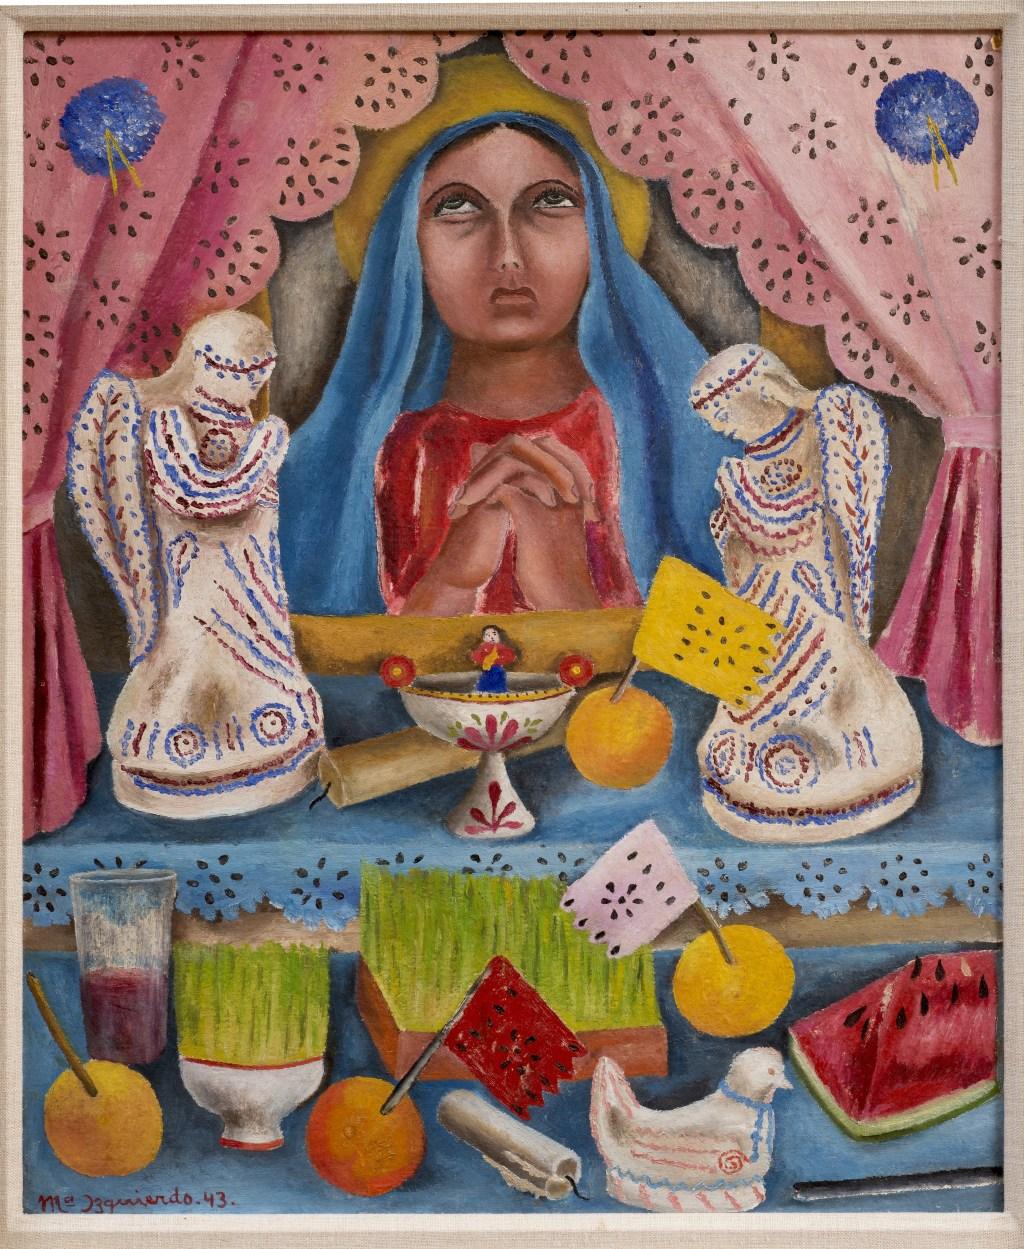 'Our Lady of Sorrows' (1943), de María Izquierdo.